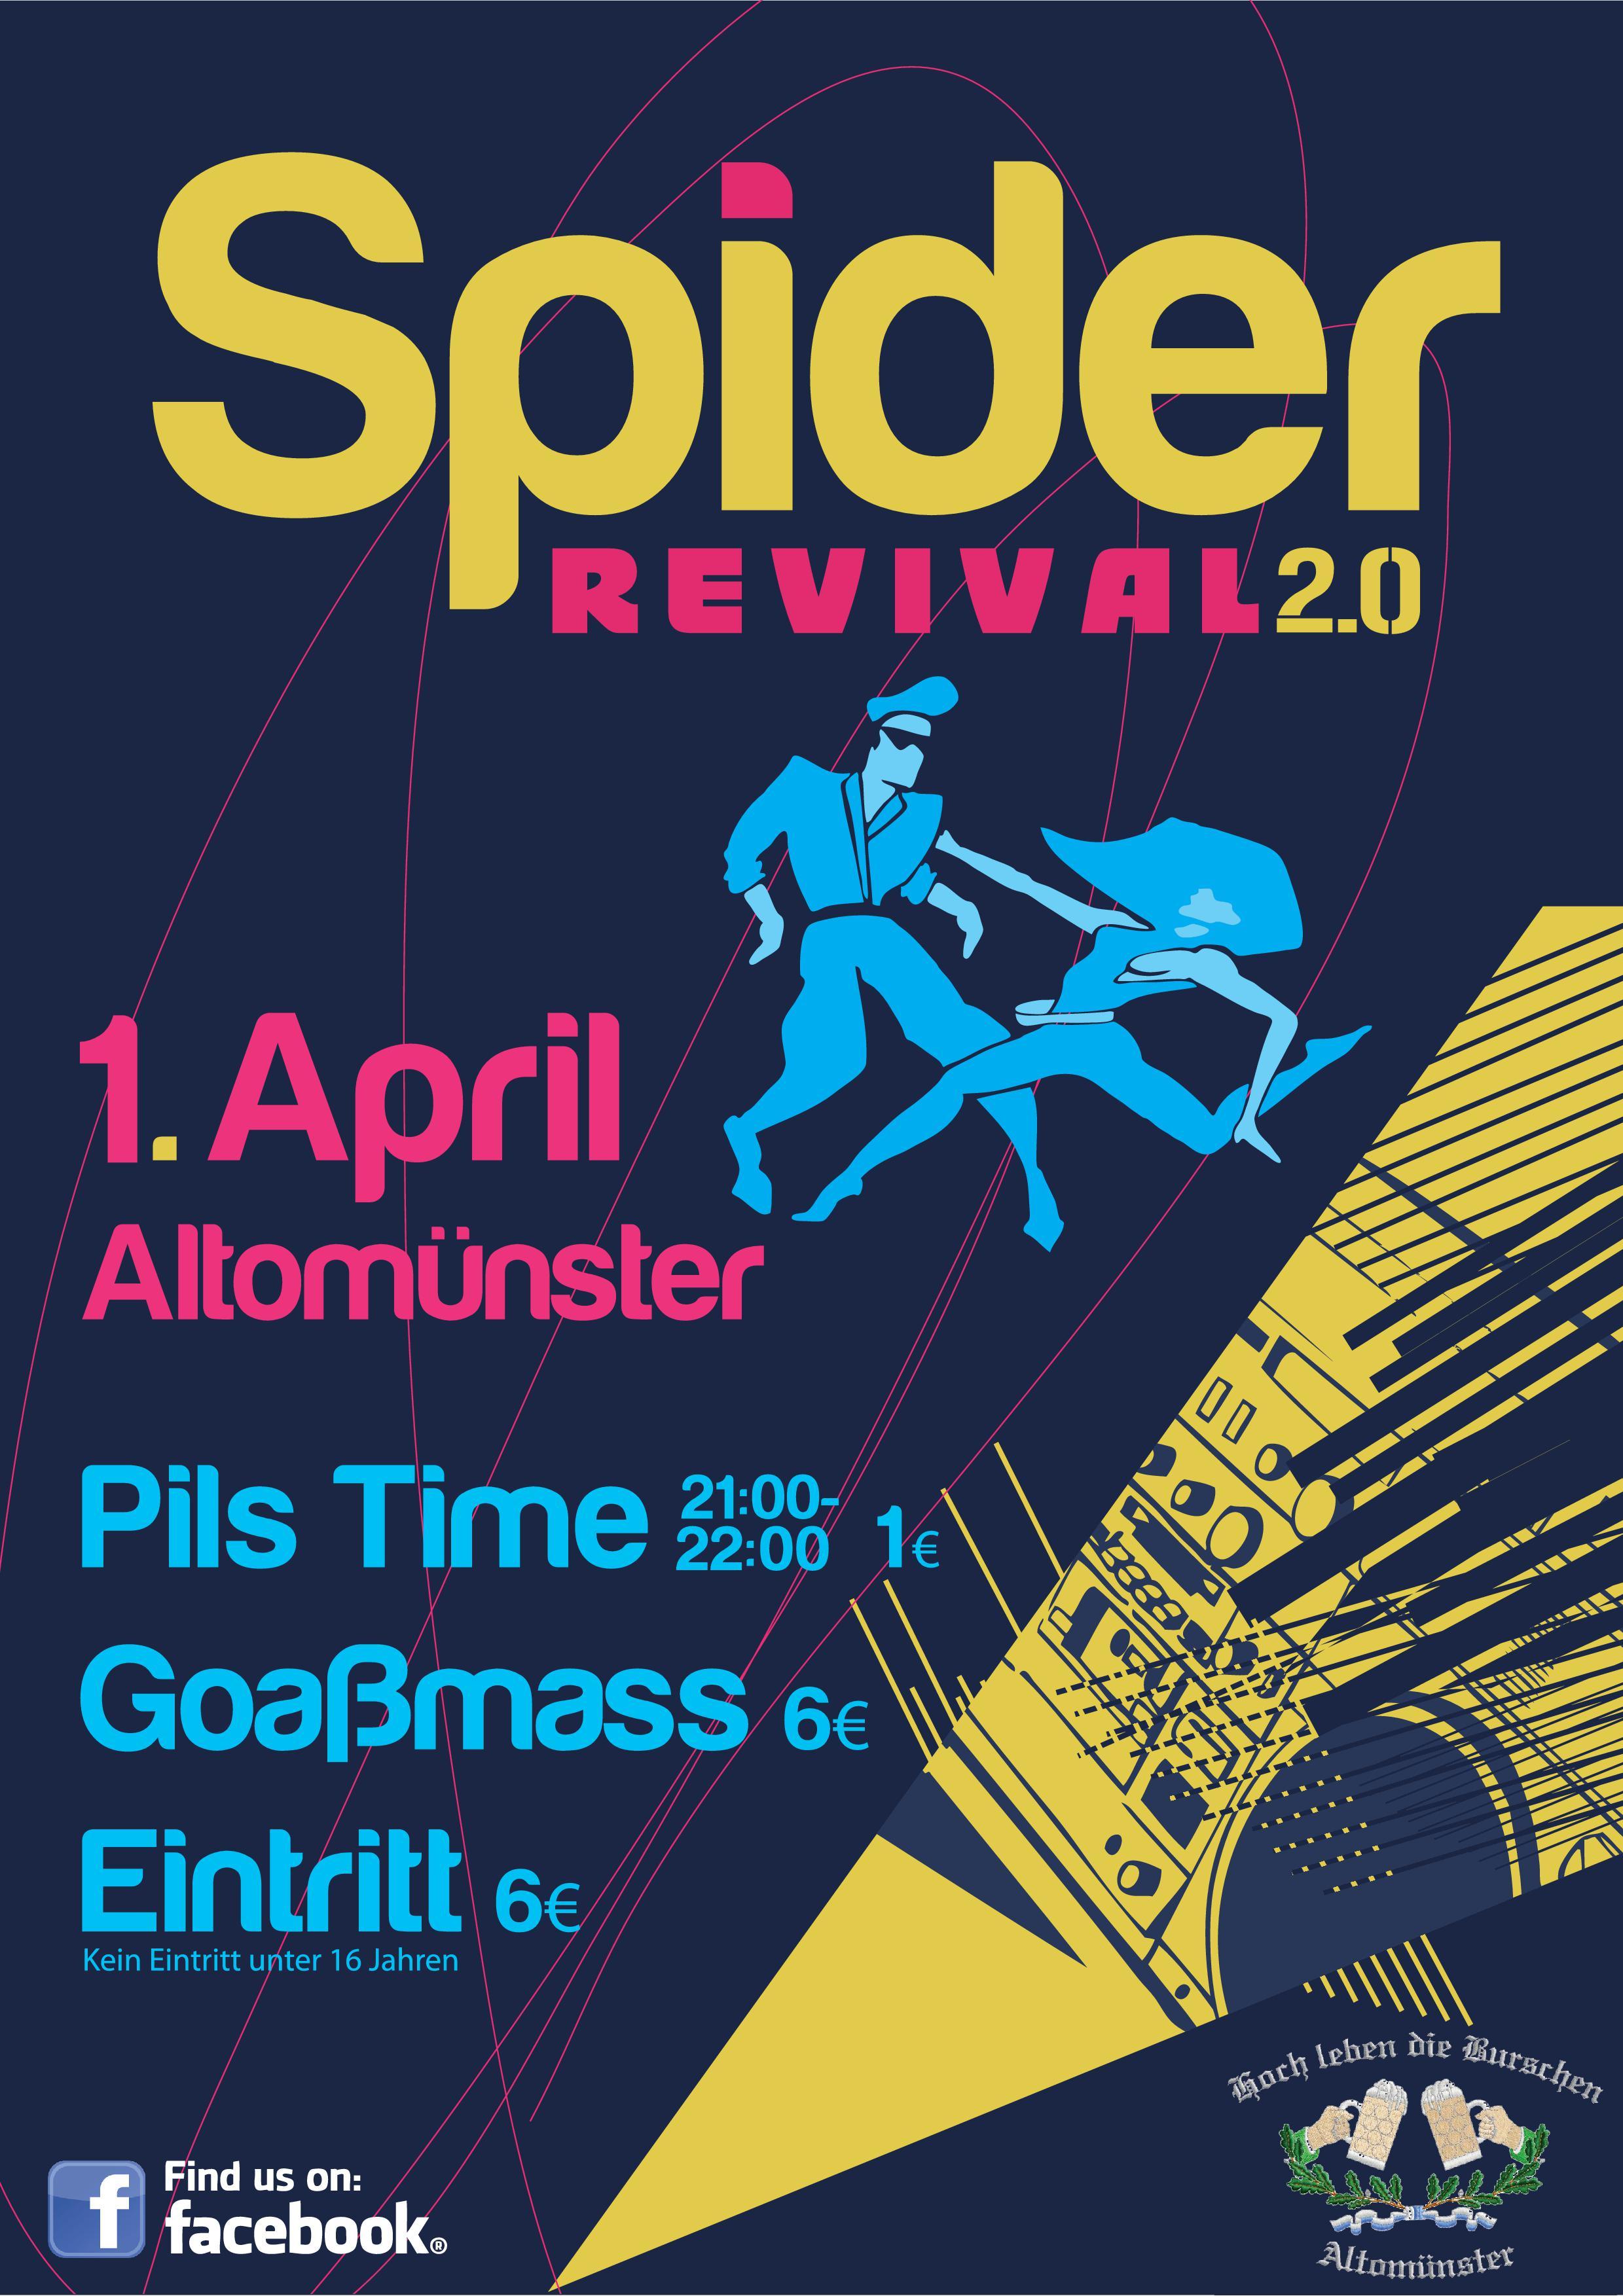 Spider-Plakat-2017